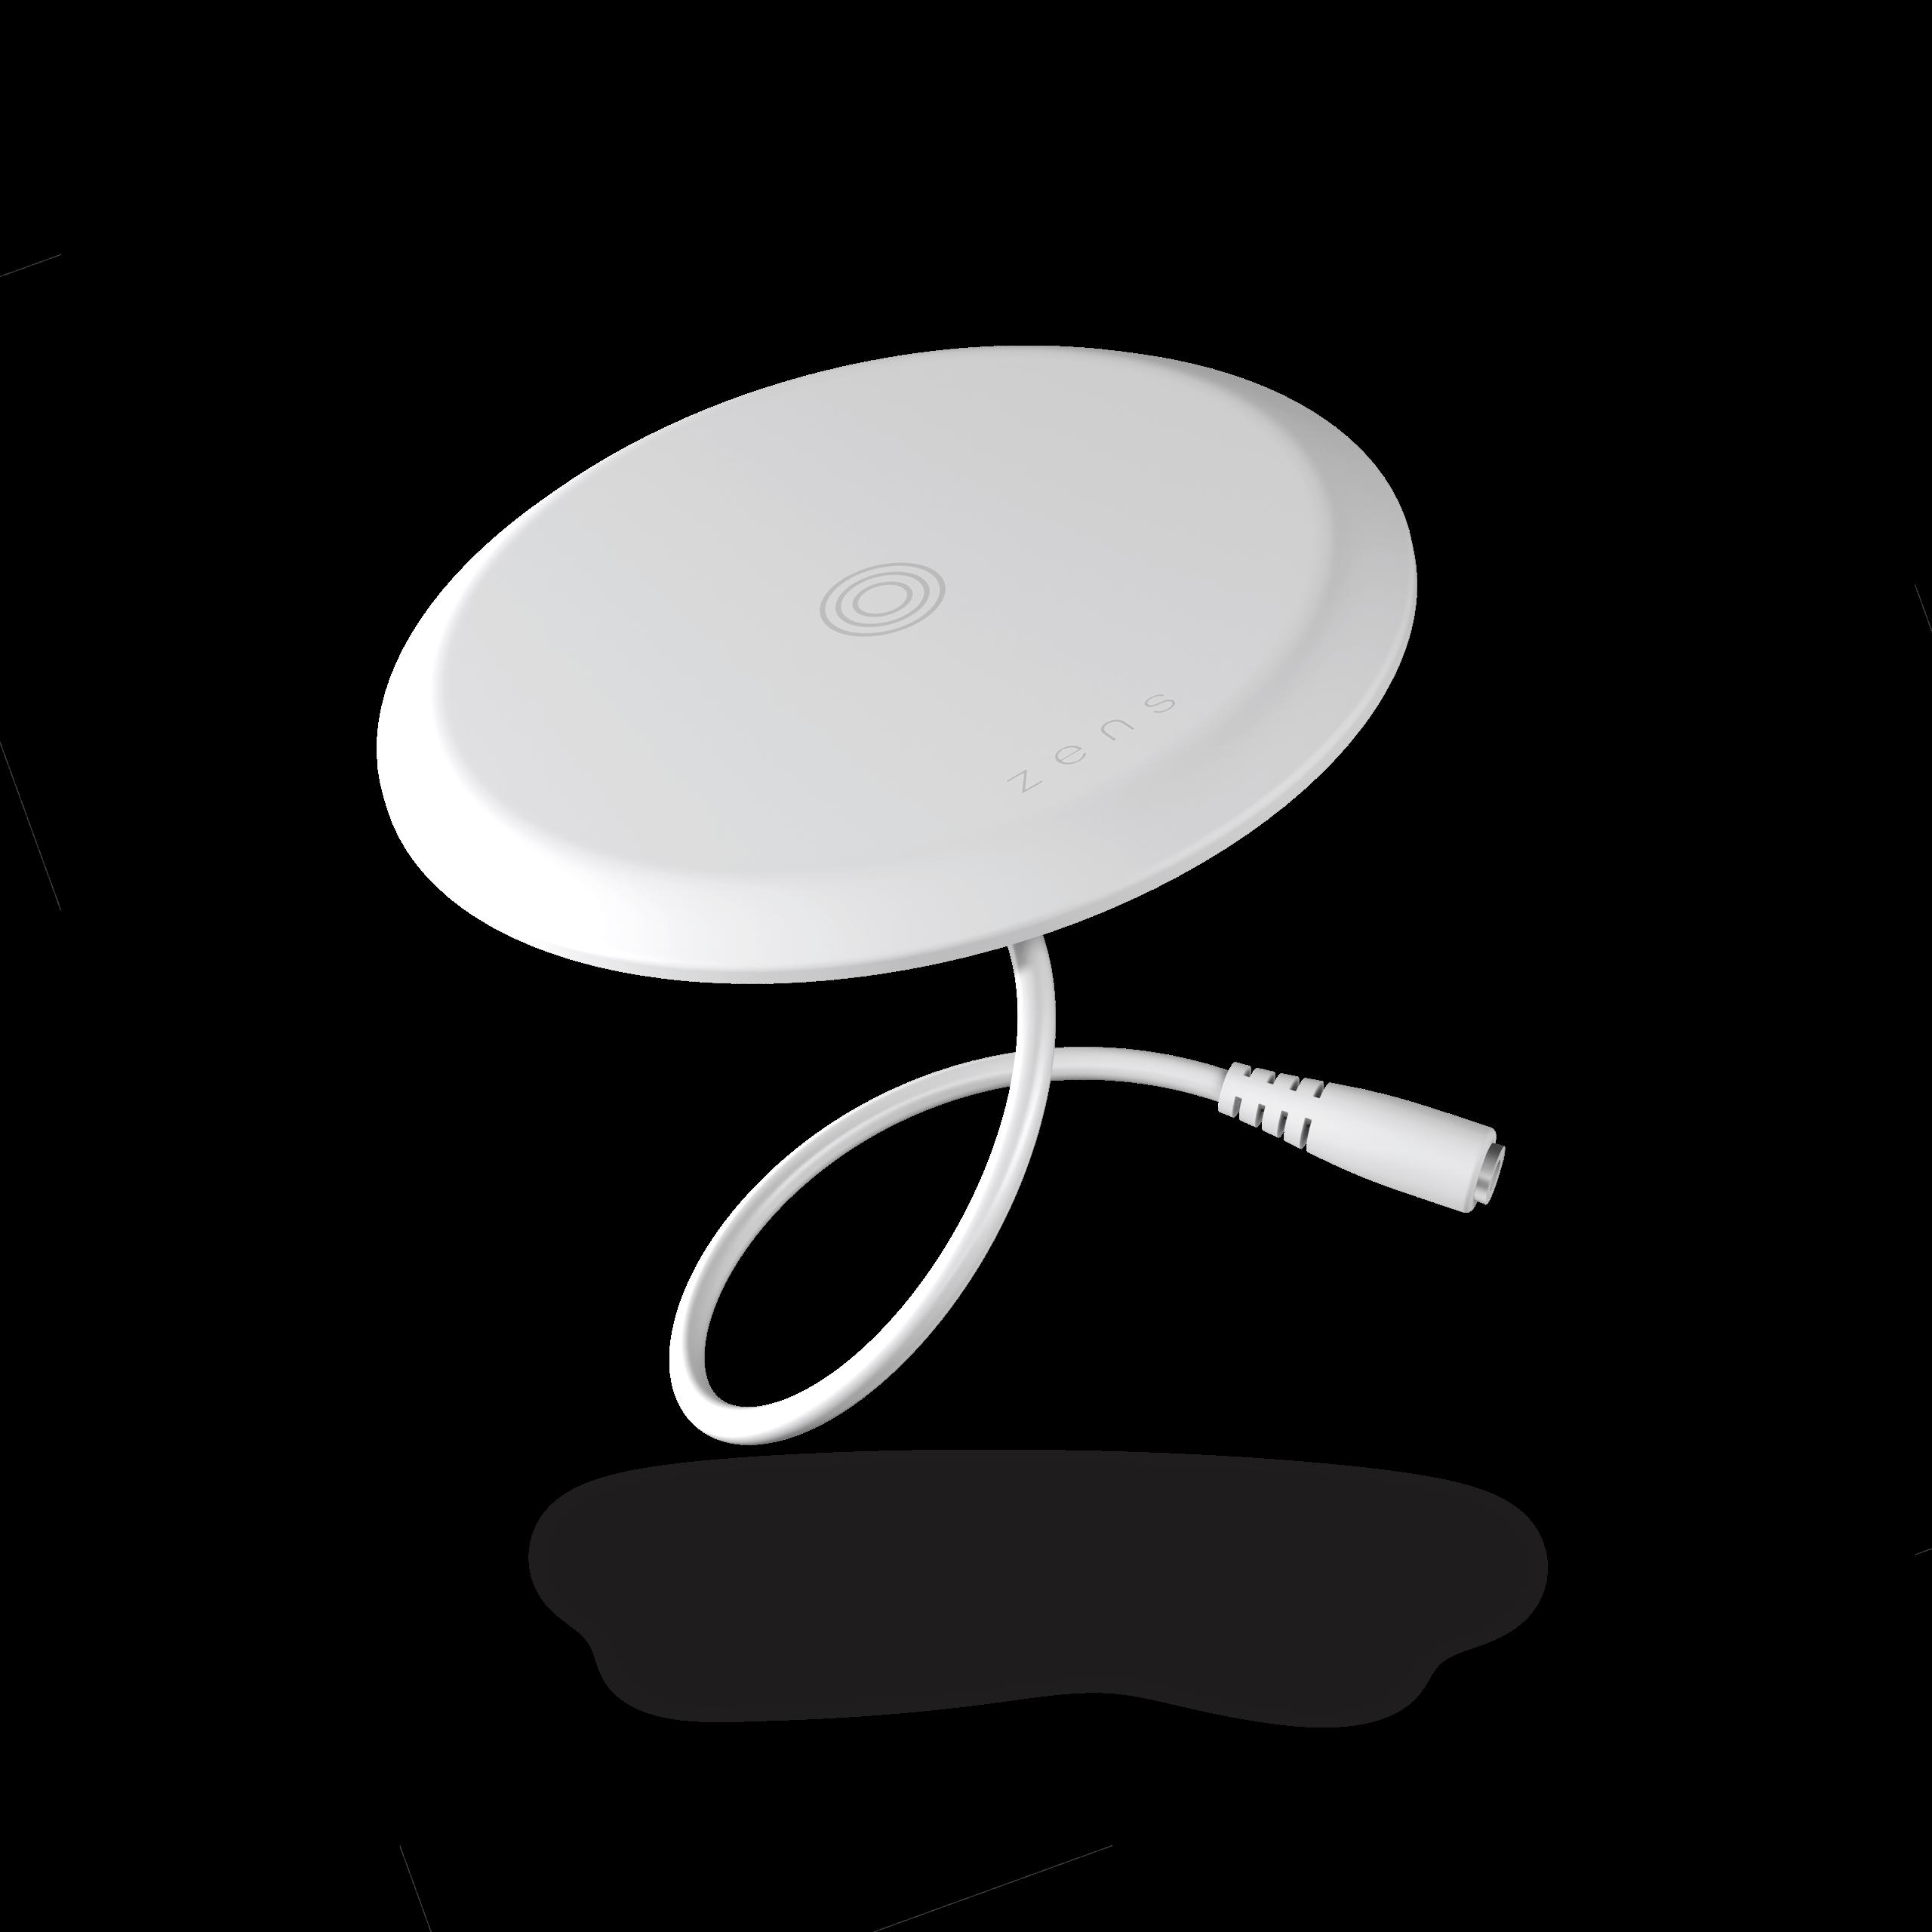 ZEBI04W - Zens Built-in Wireless Charger